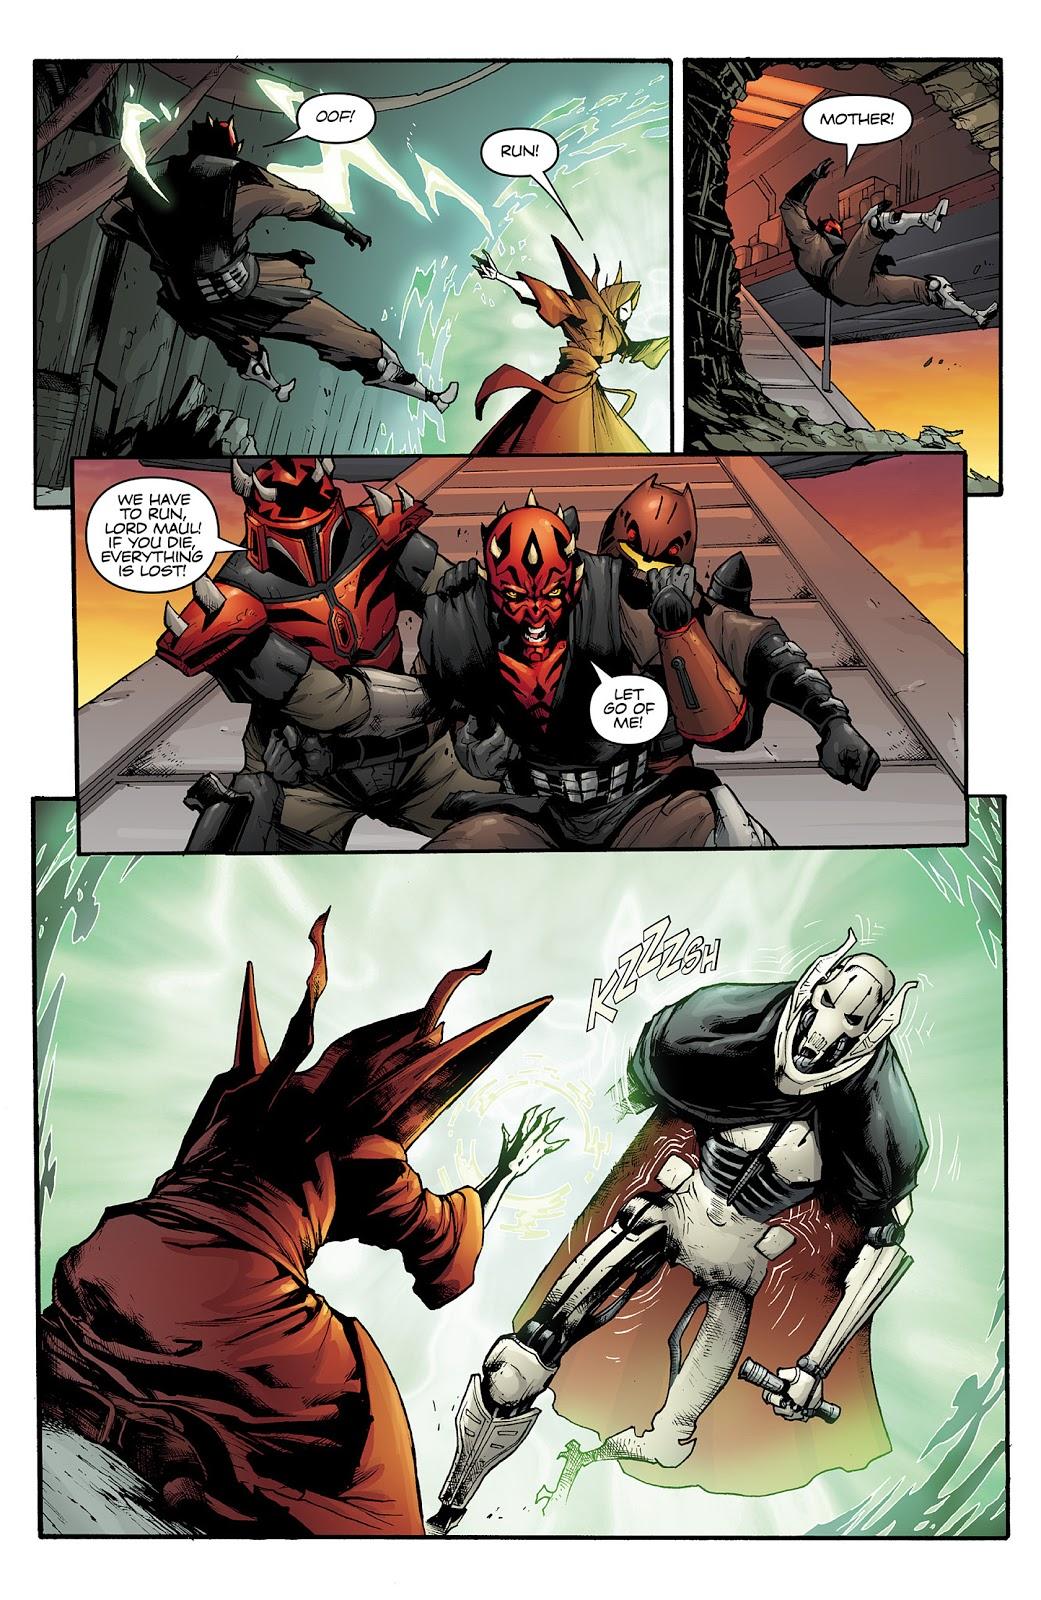 SS - Starkiller (ArkhamAsylum3) vs Qui-Gon Jinn (Meatpants) - Page 2 Sidiou23